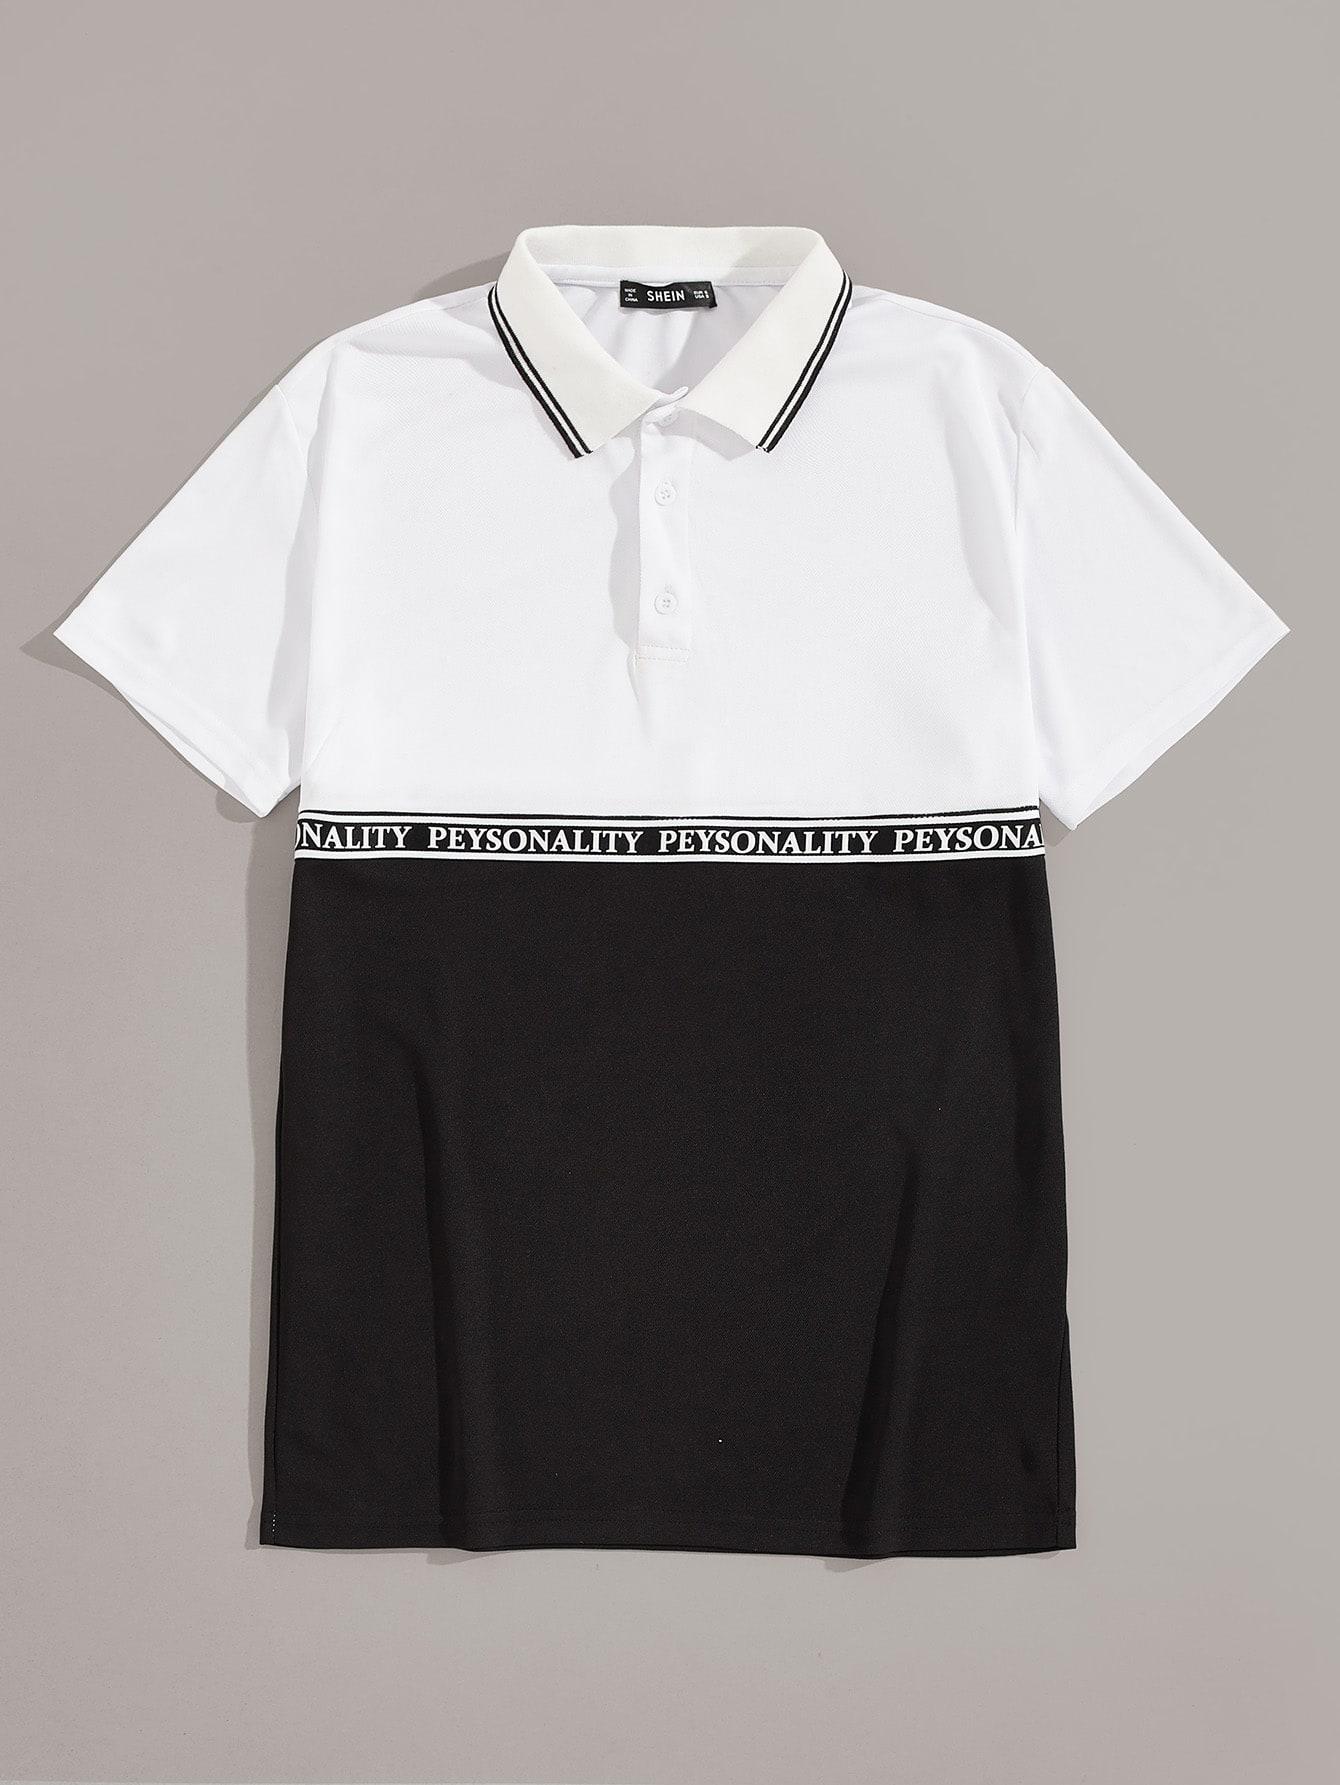 Фото - Мужская контрастная рубашка-поло с текстовой лентой от SheIn цвет чёрнобелые